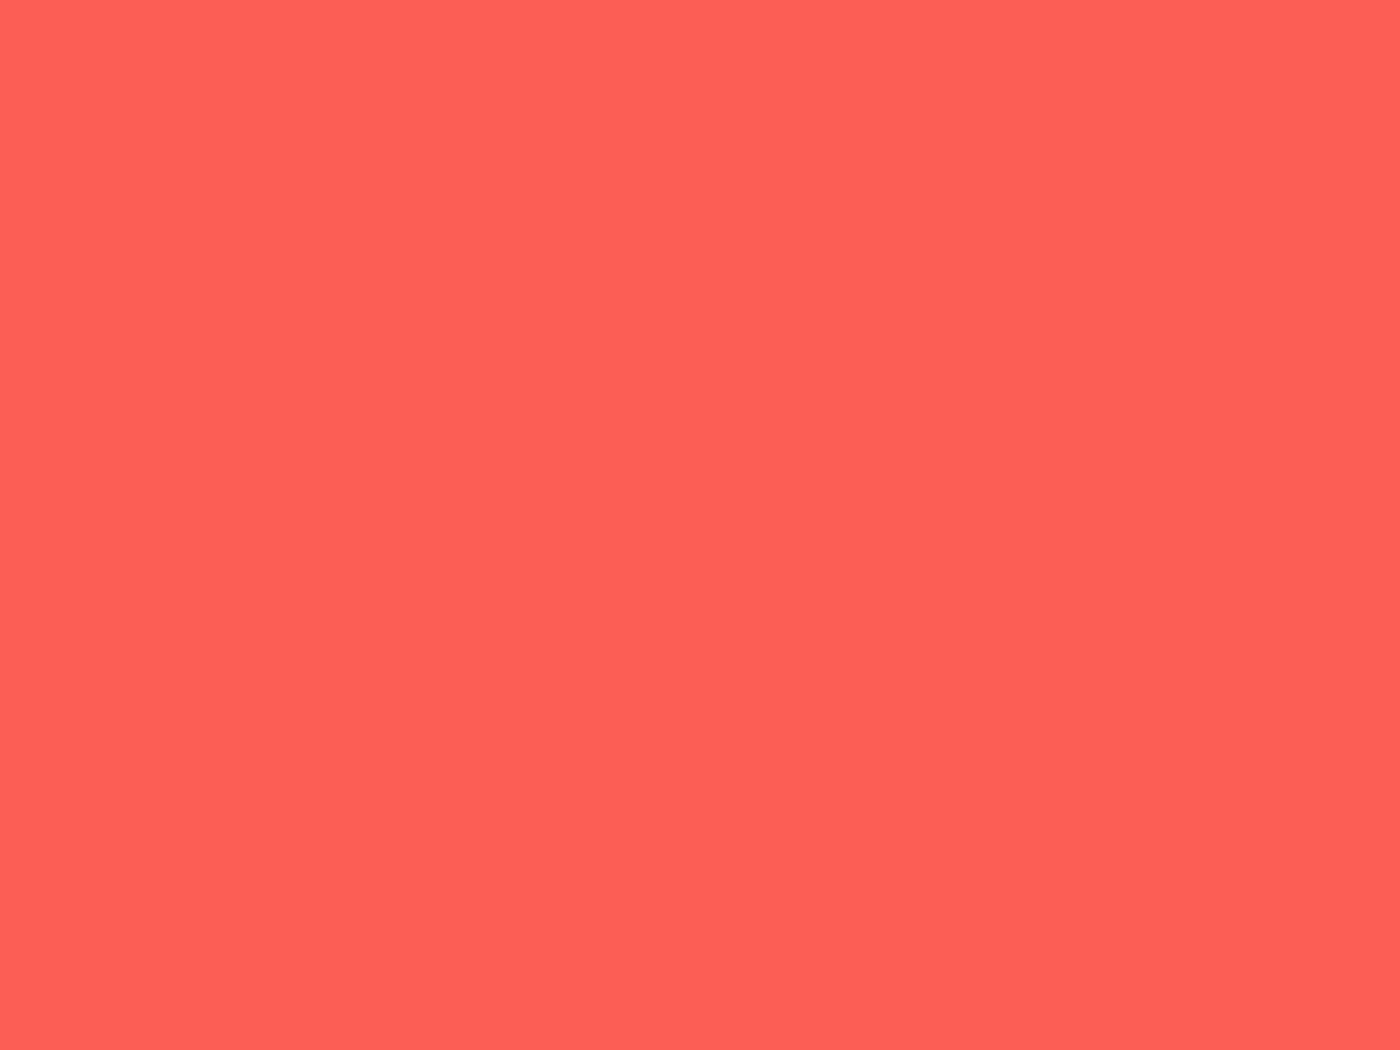 1400x1050 Sunset Orange Solid Color Background